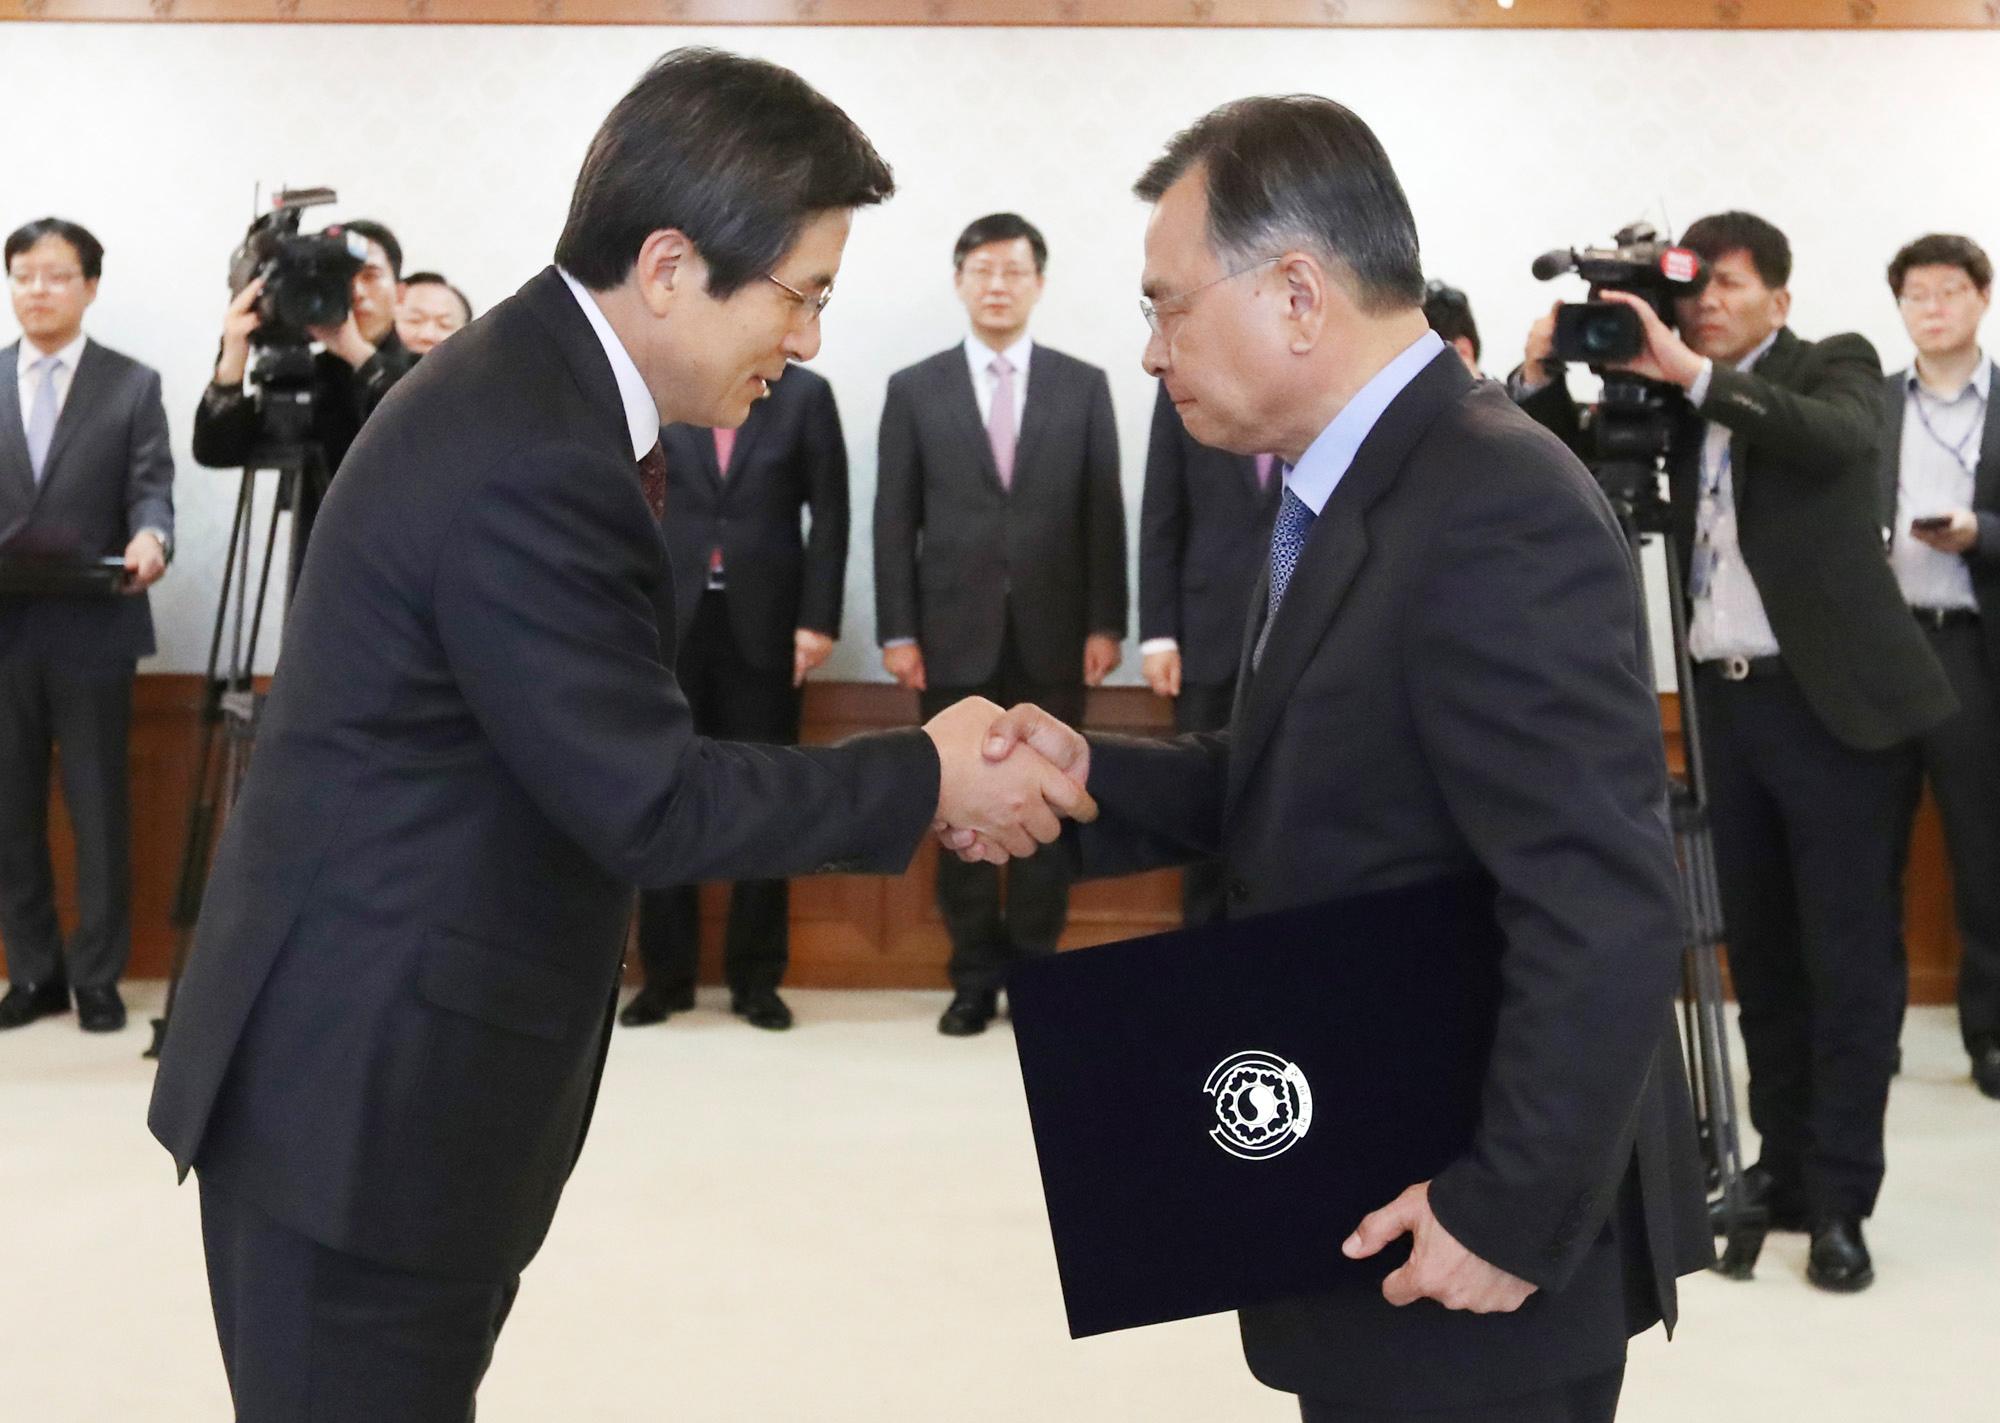 ▶2016년 12월1일 박영수 특검 임명장은 황교안 총리가 서울정부청사에서 수여했다.이날 박 전 대통령은 개인자격으로 대구서문시장 화재현장에 갔다